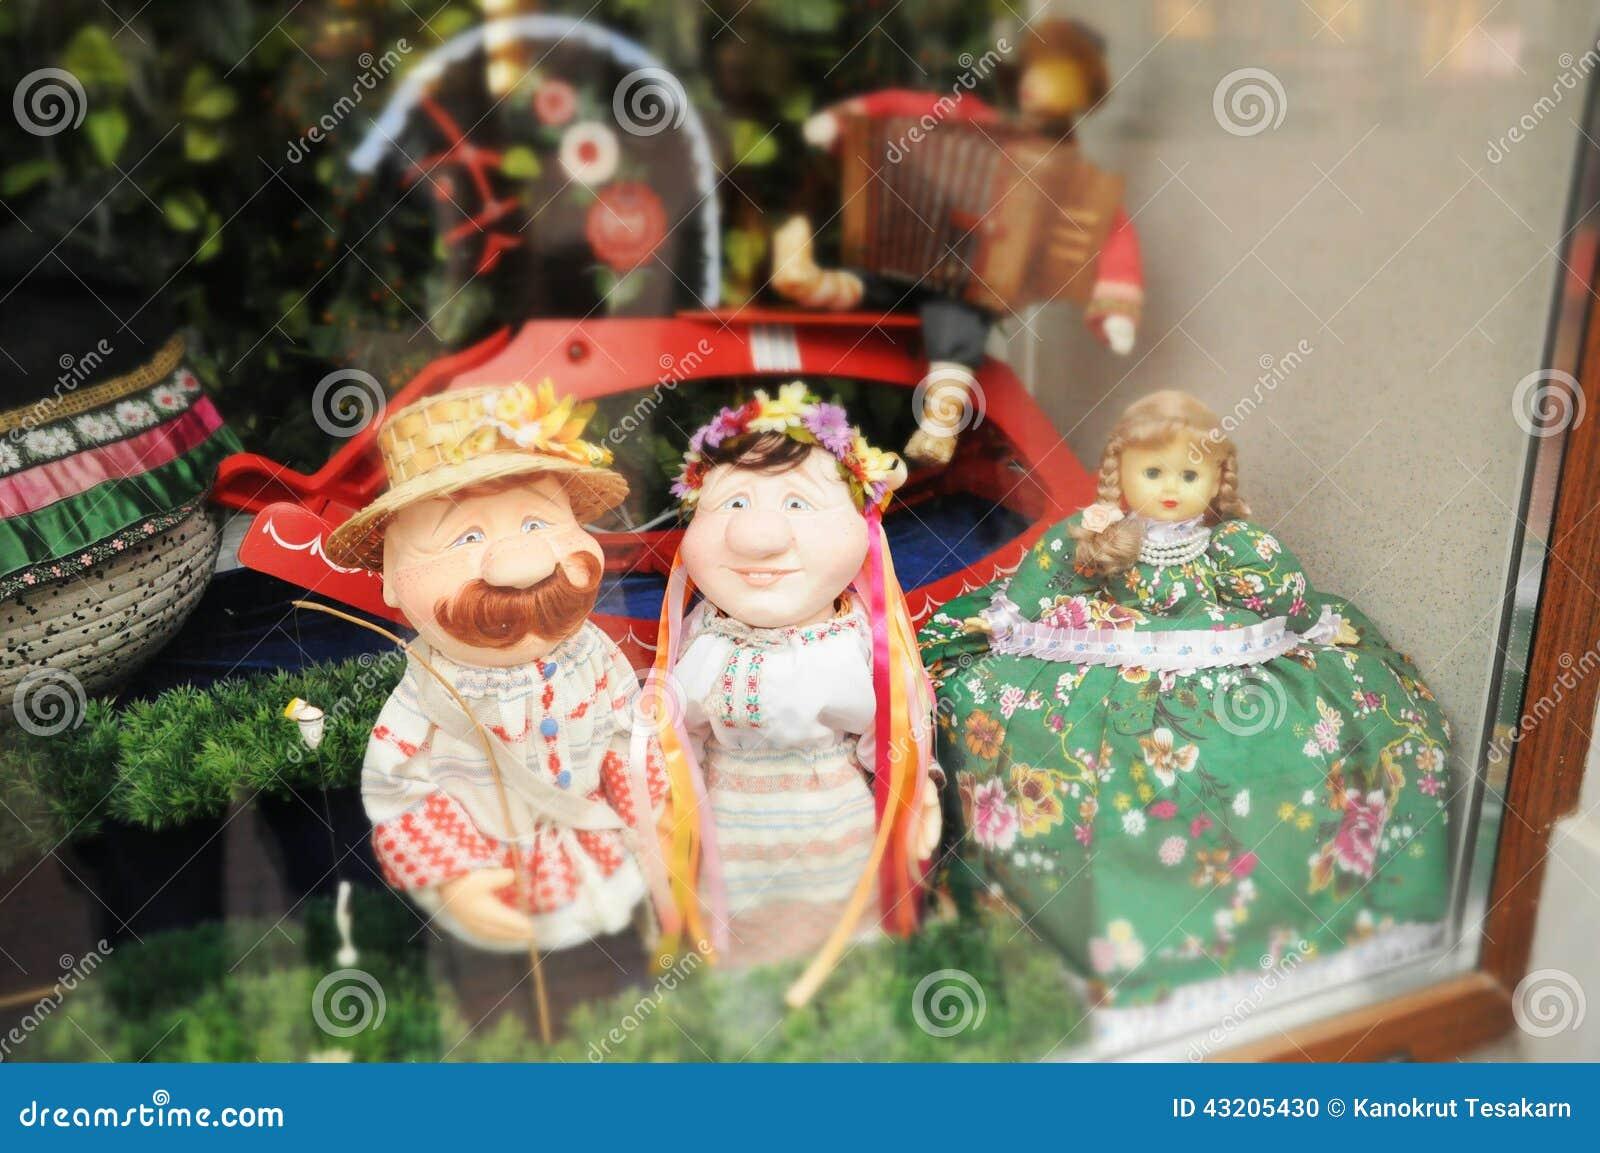 Download Vännen i fönstret shoppar arkivfoto. Bild av familj, beröm - 43205430